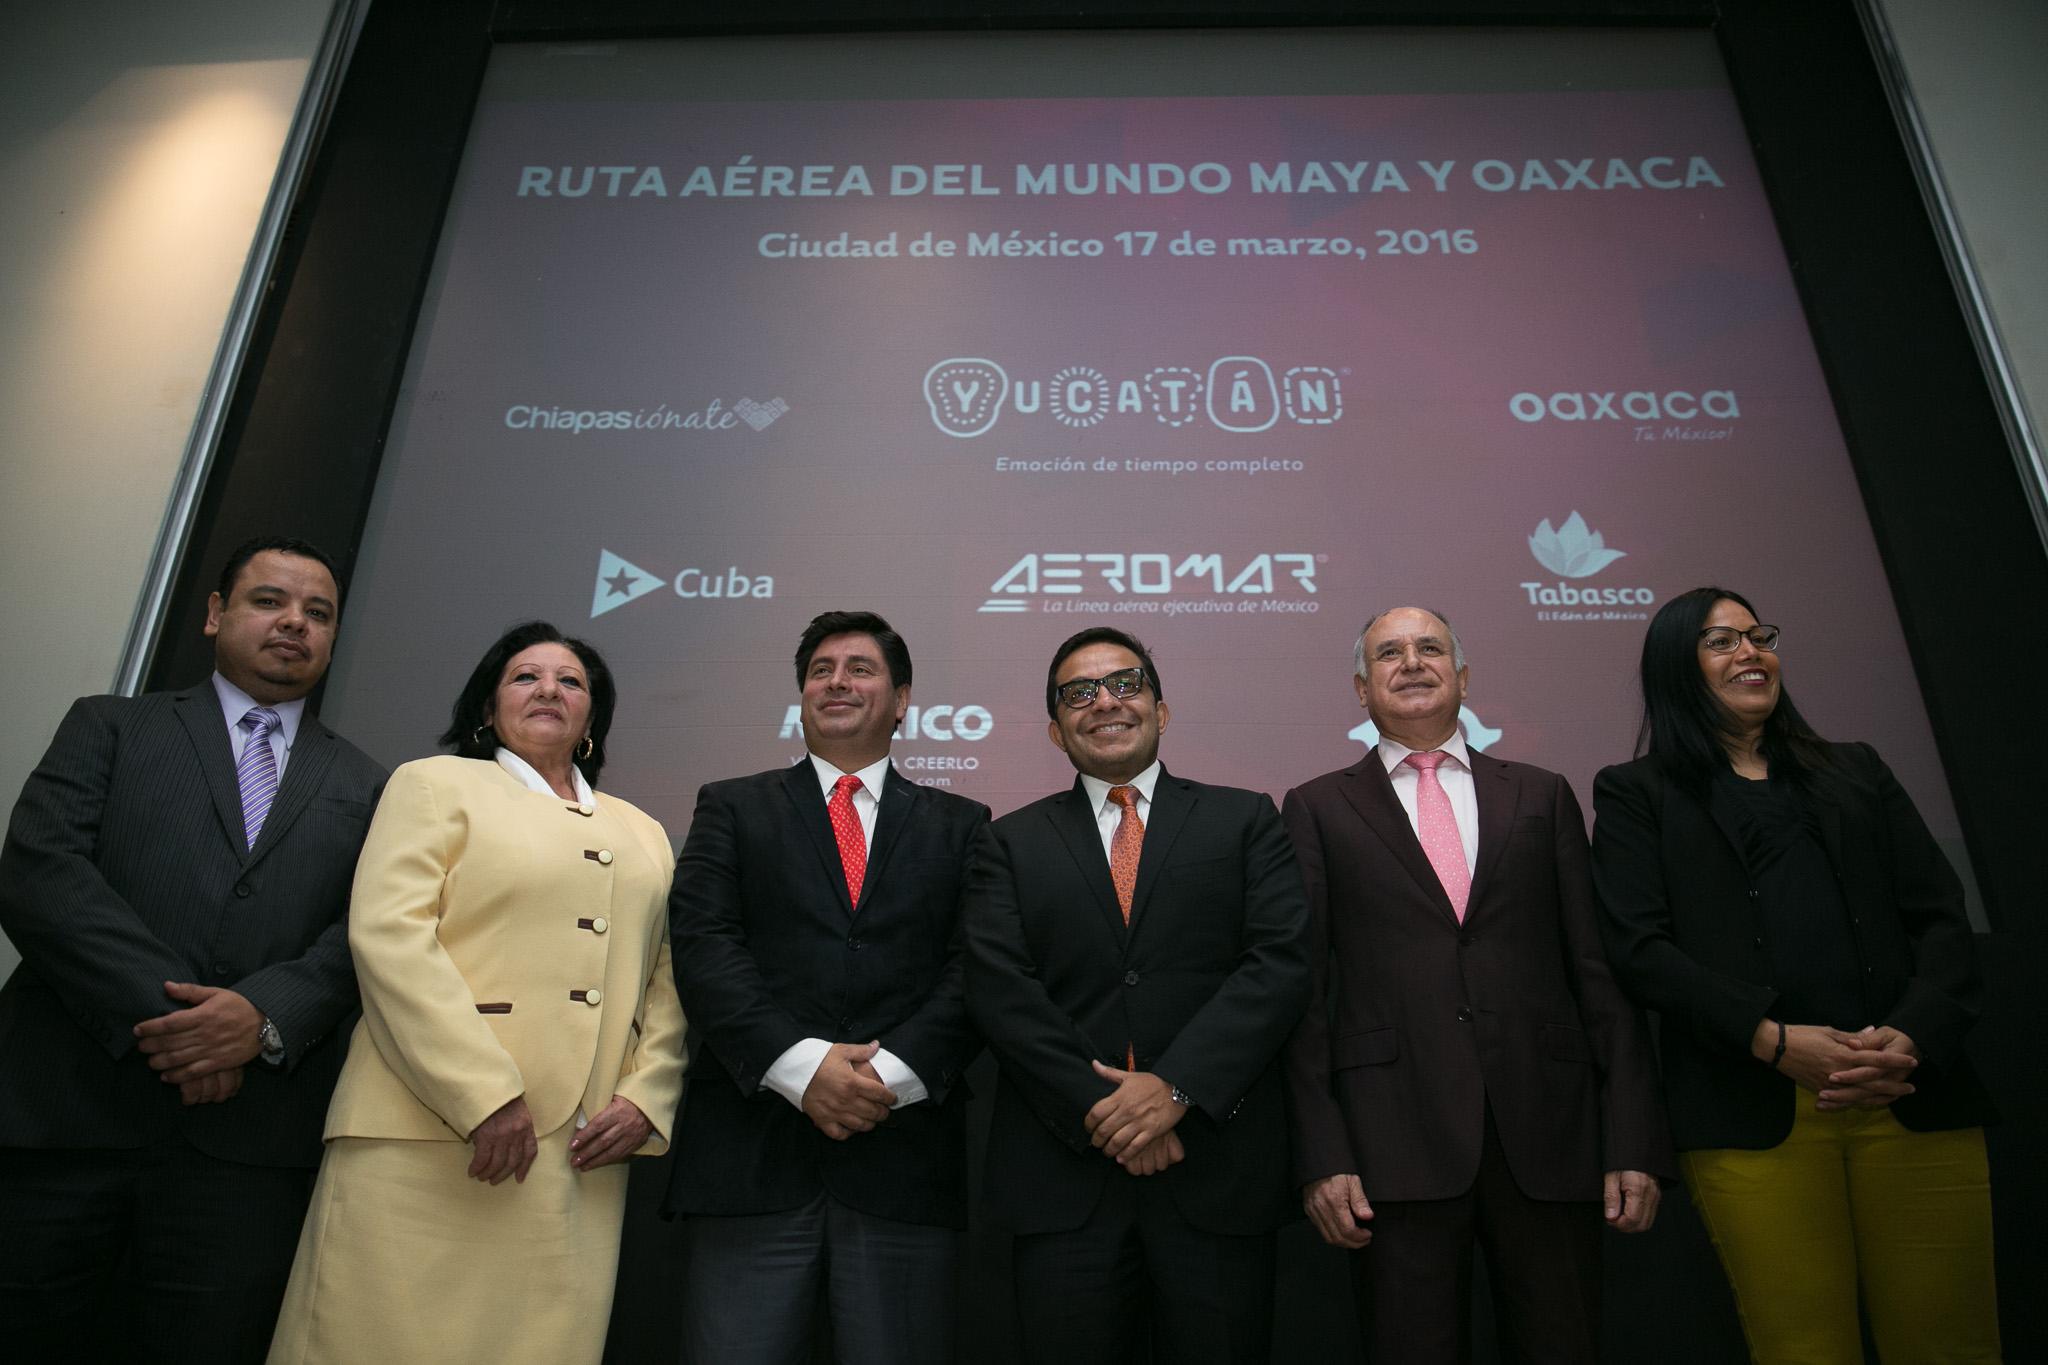 Mundo Maya y Oaxaca, conectados vía aérea